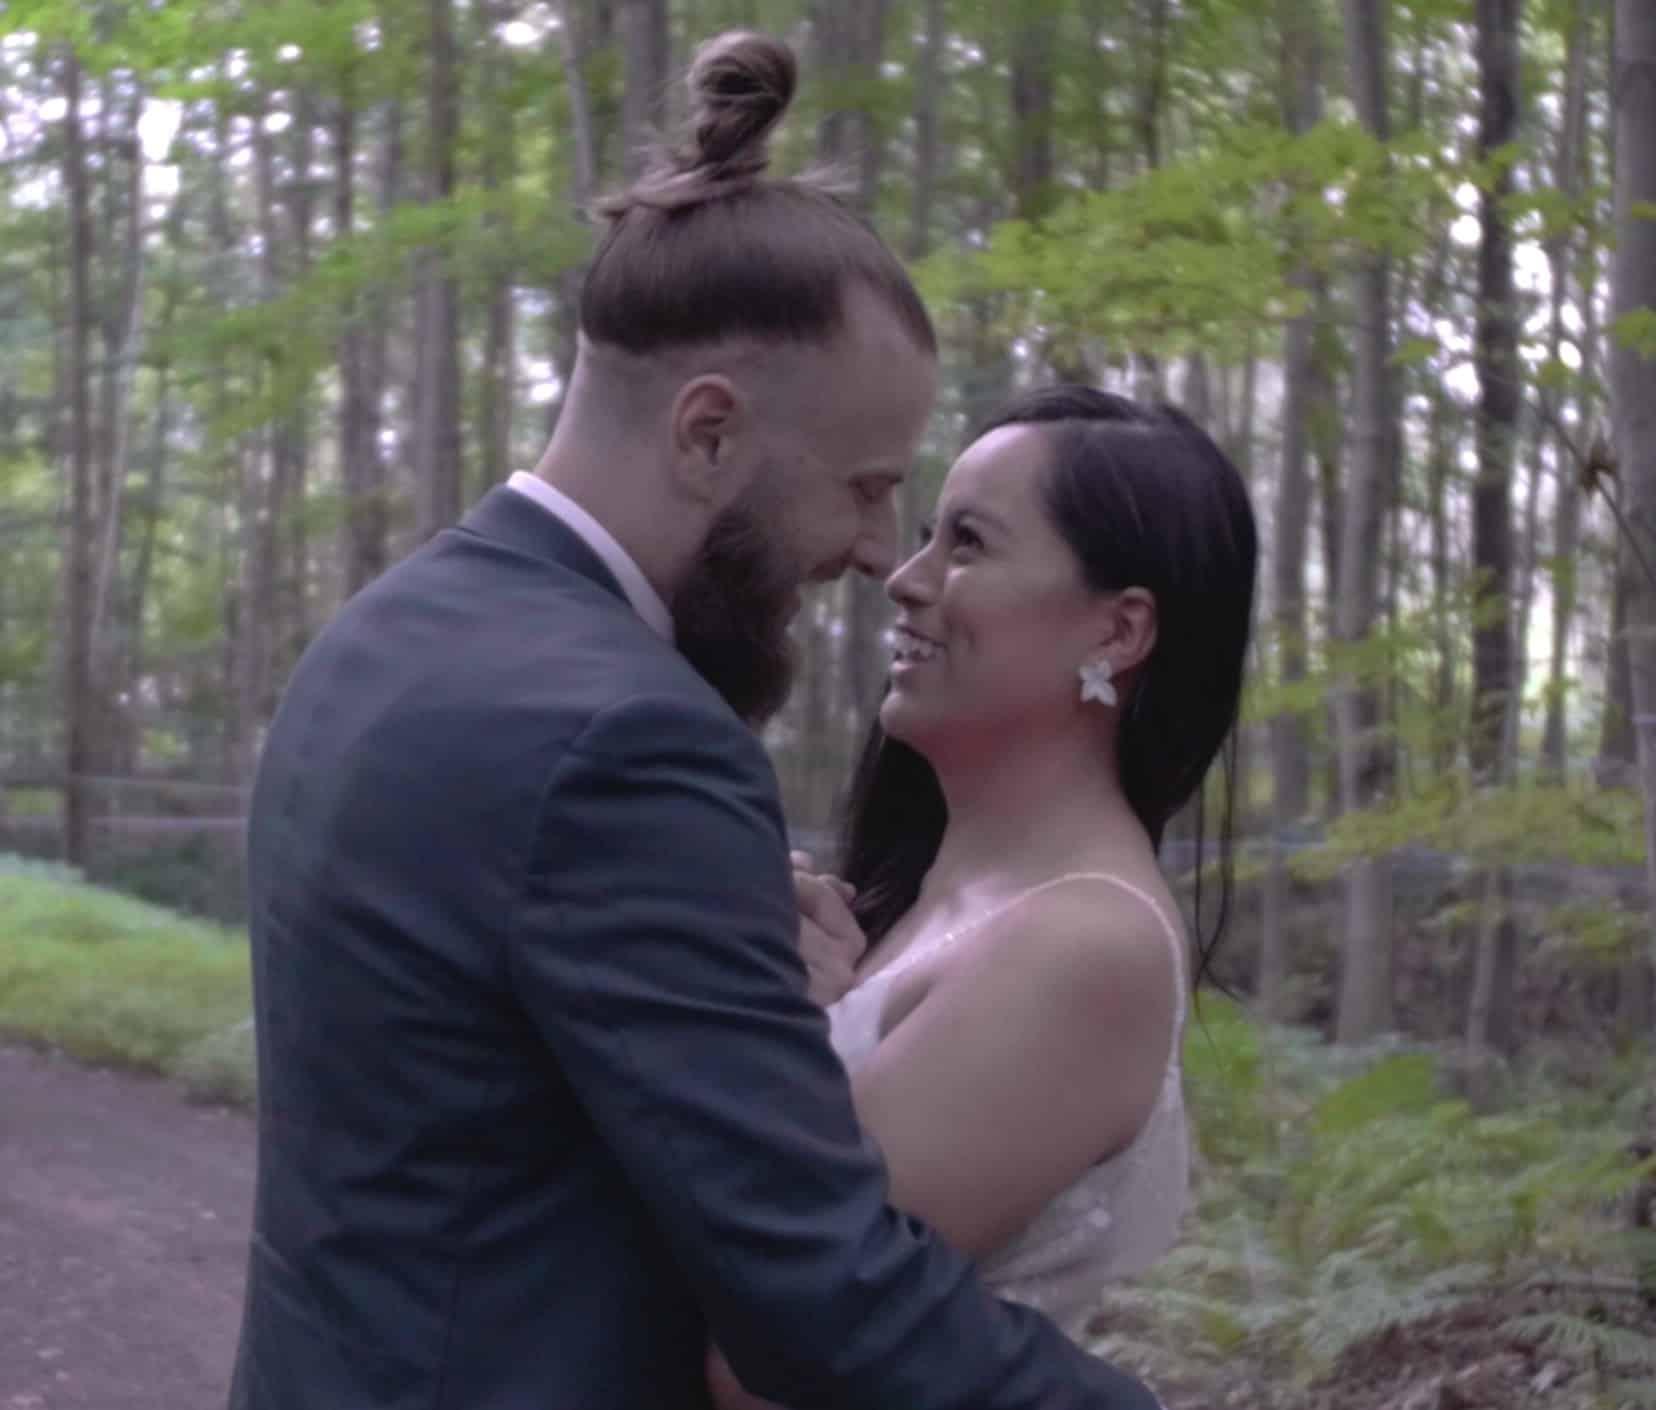 Mariage en foret, mariés dans la foret, mariés heureux